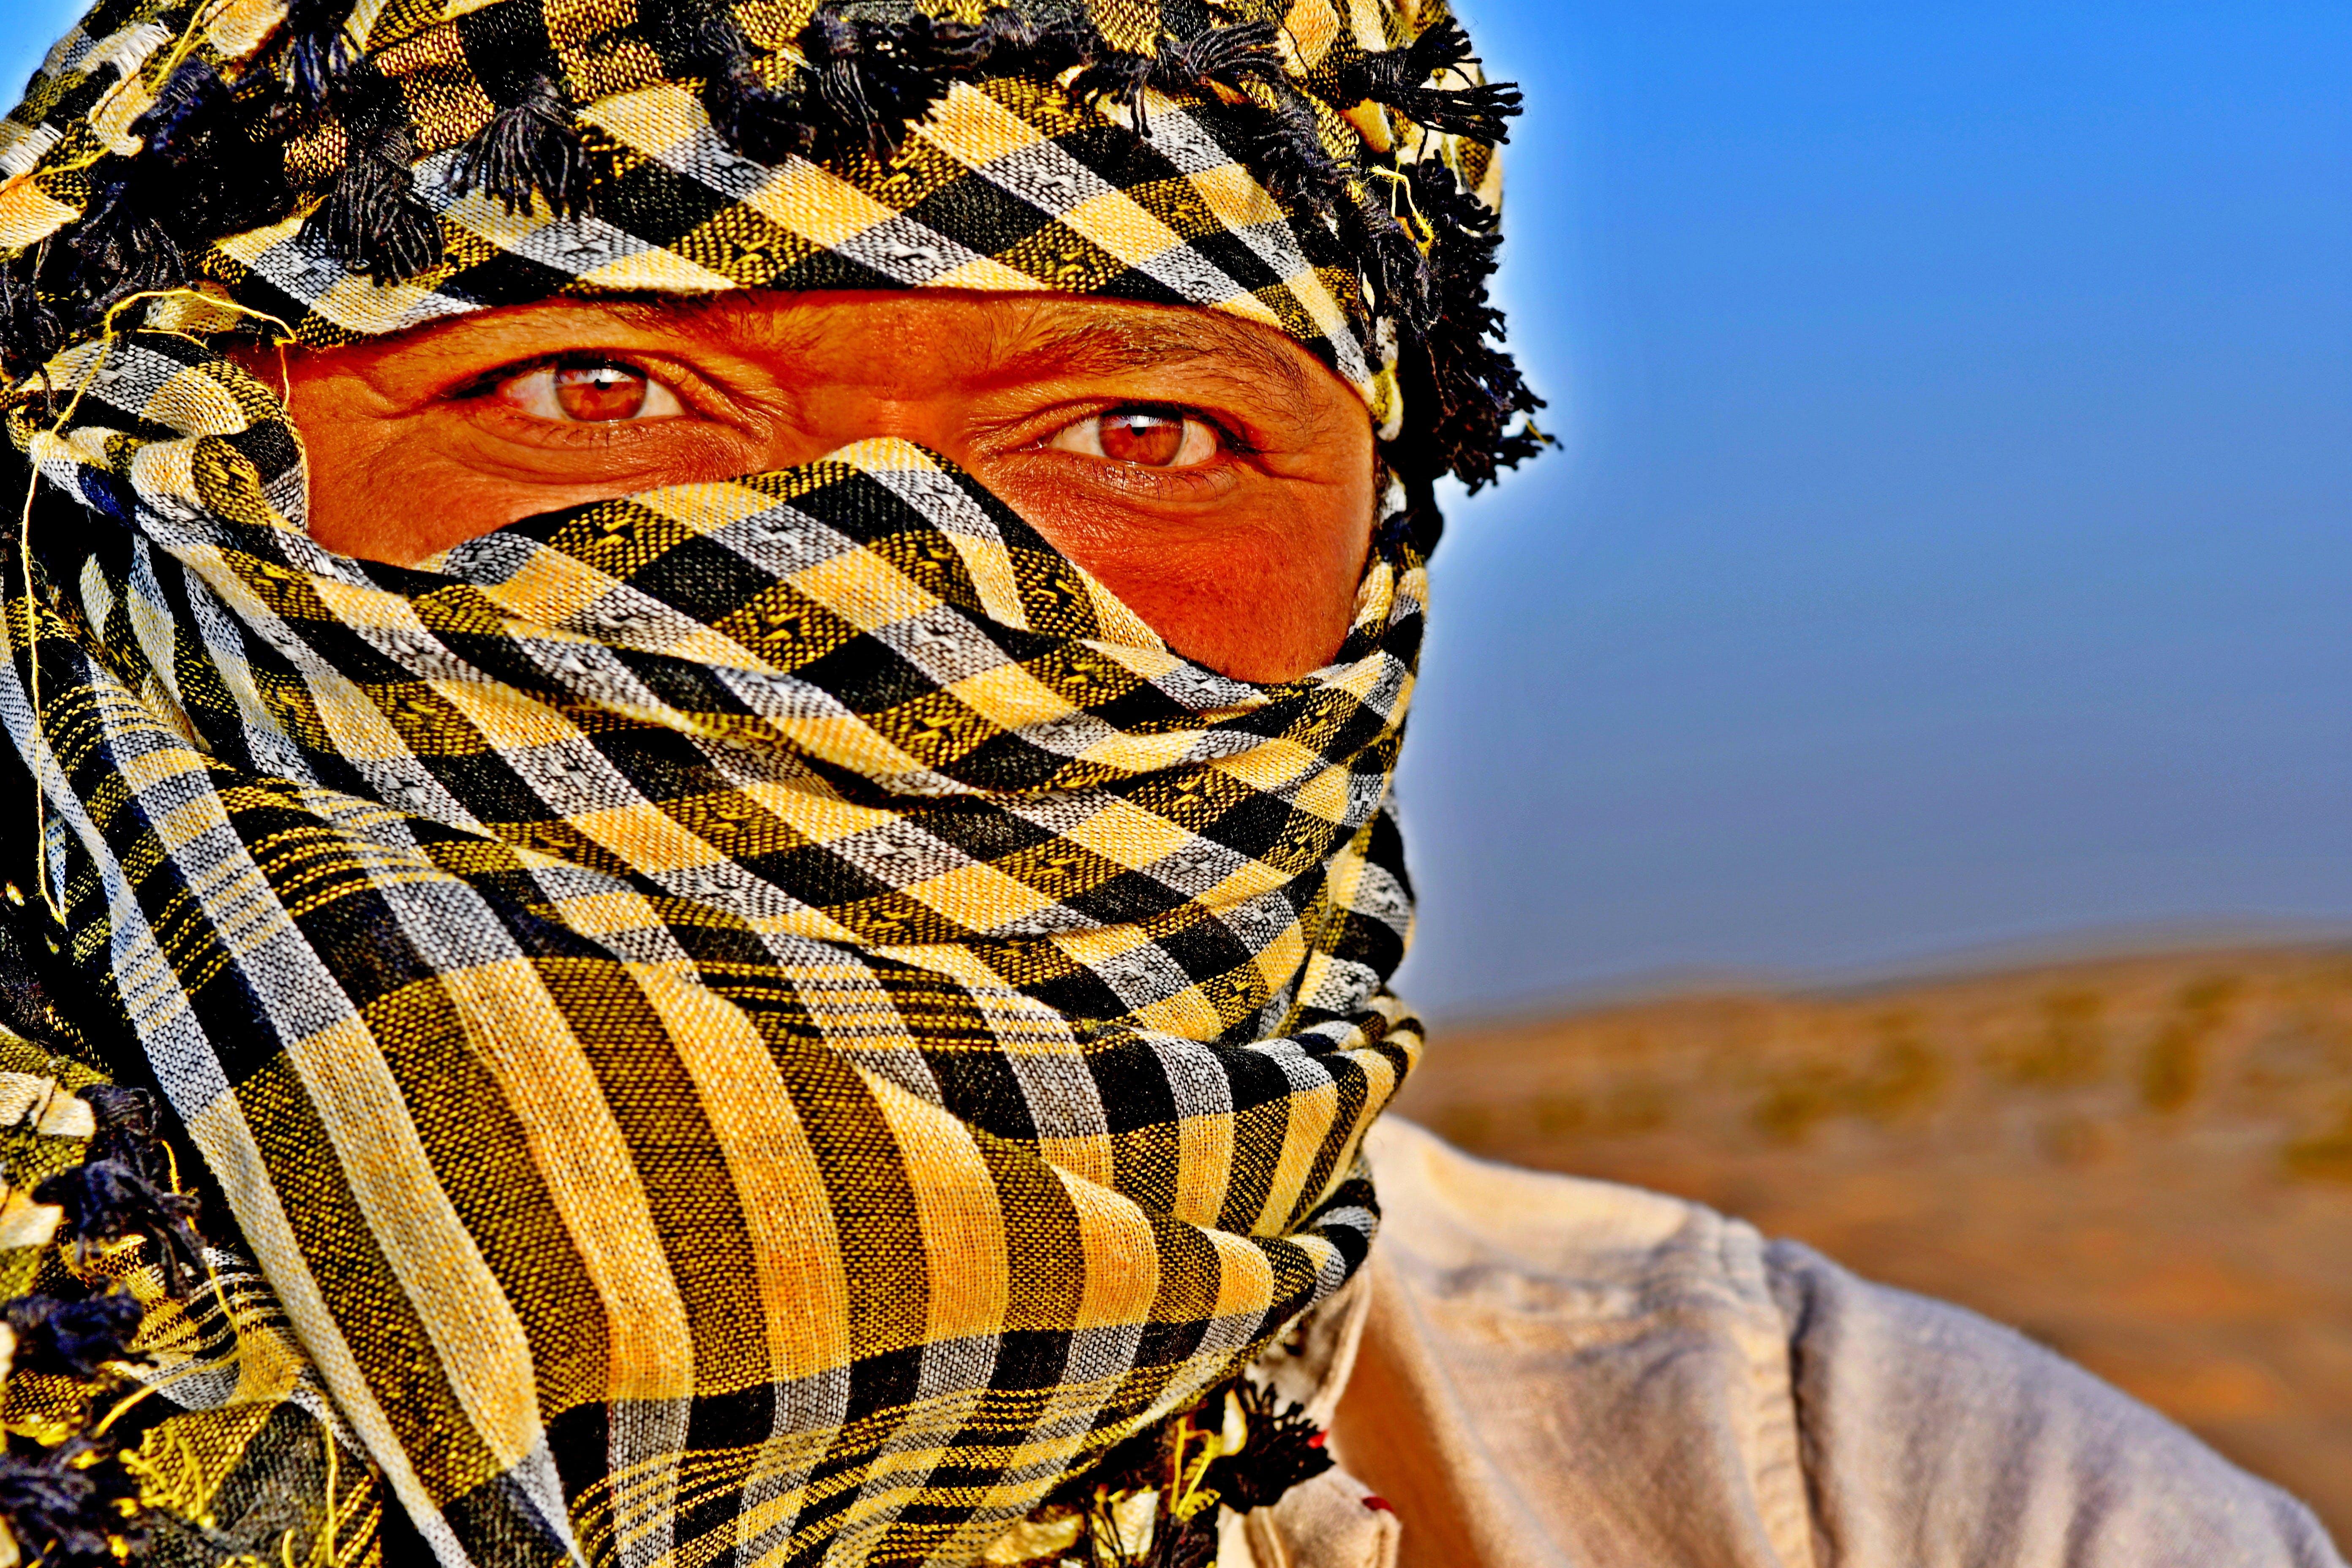 arabischer mann, arabischer mann im kopftuch in der wüste, blau